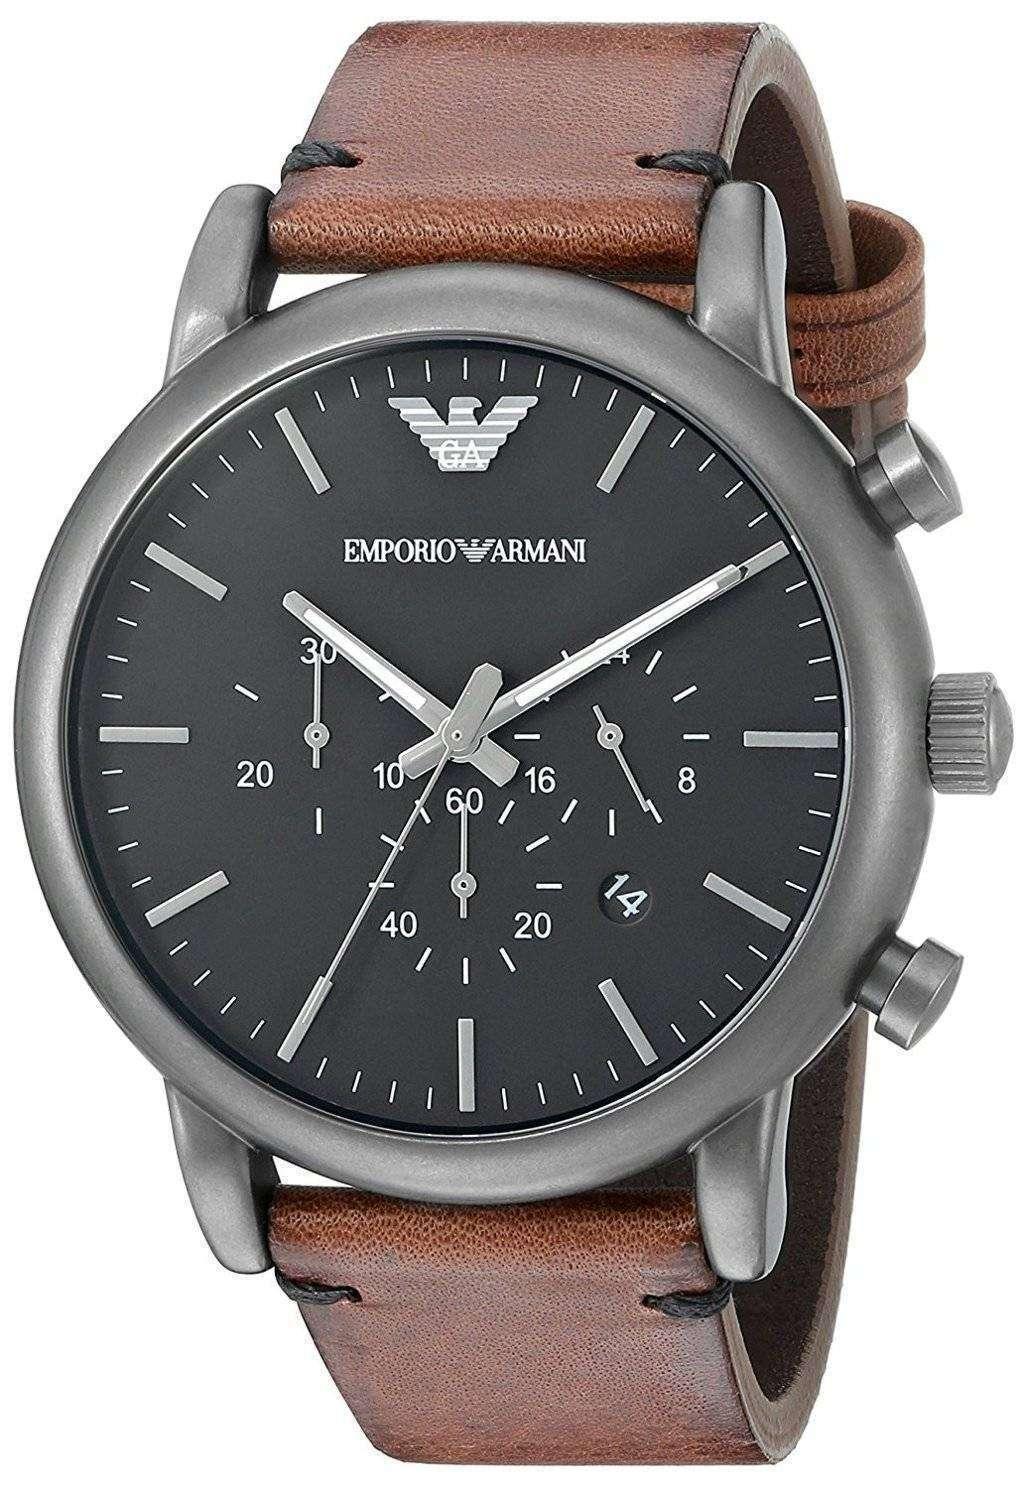 エンポリオ アルマーニ クロノグラフ クォーツ AR1919 メンズ腕時計